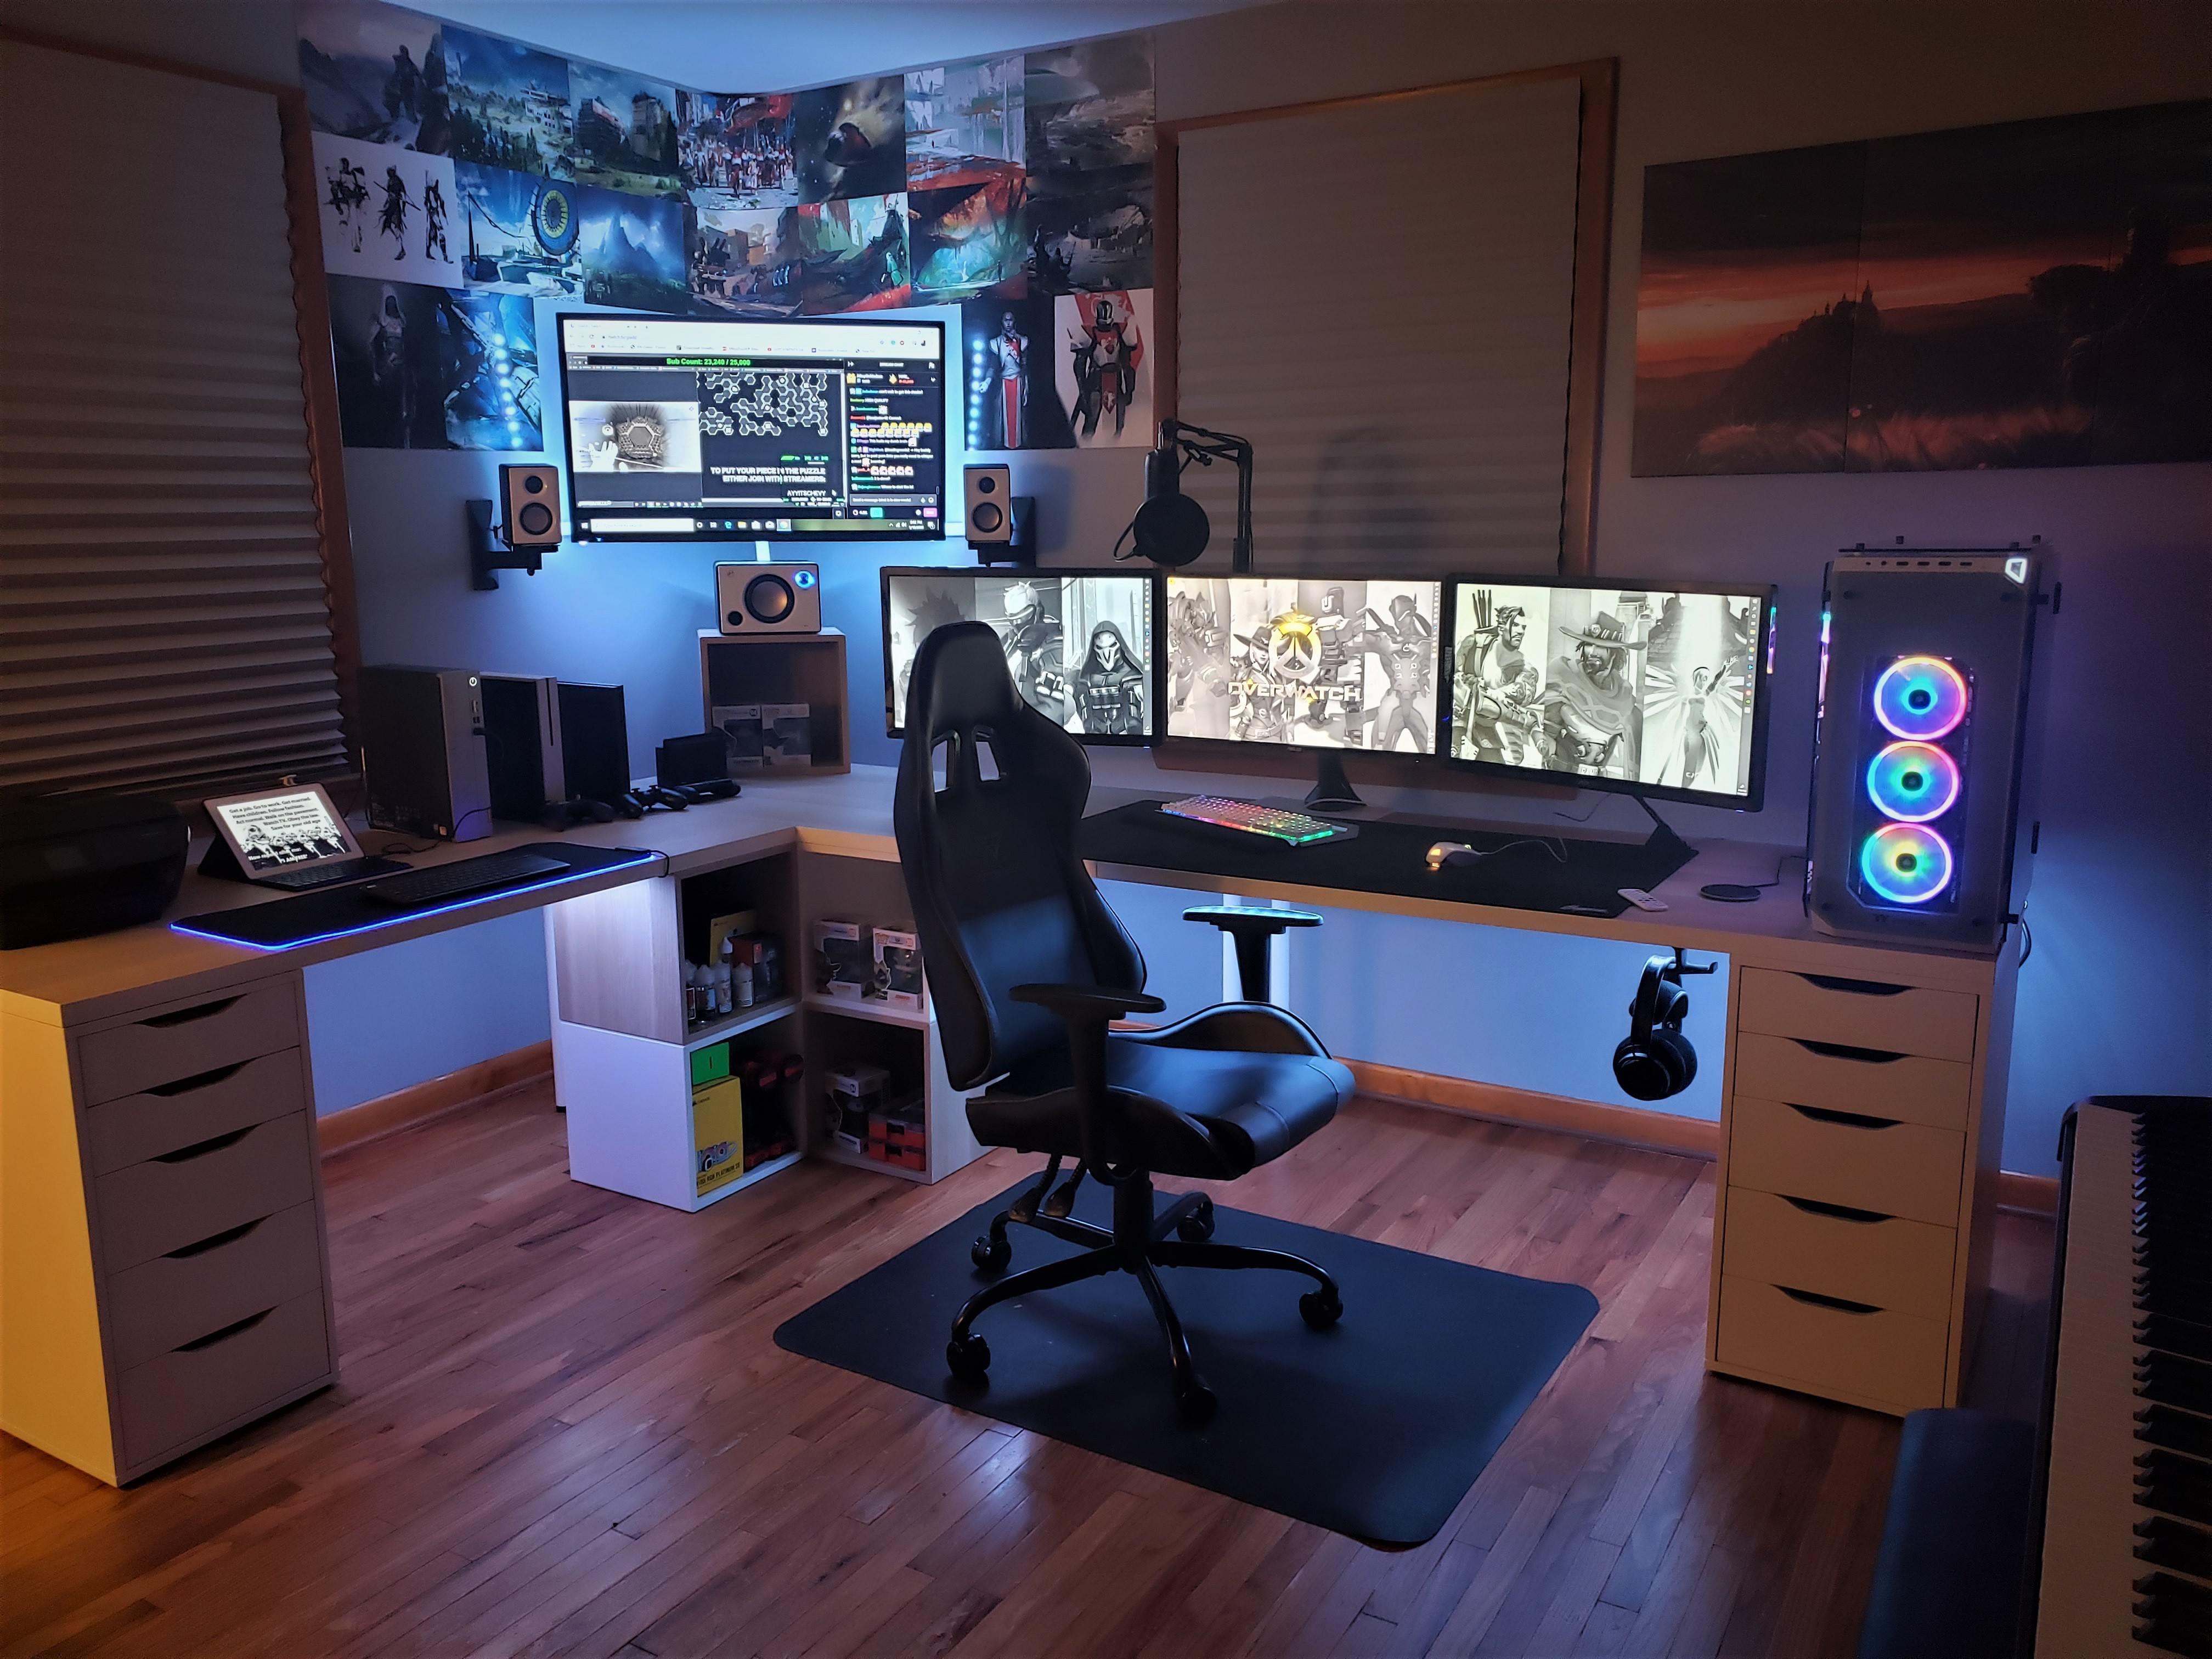 All Ikea L Desk In 2020 Game Room Design Bedroom Setup Home Office Setup